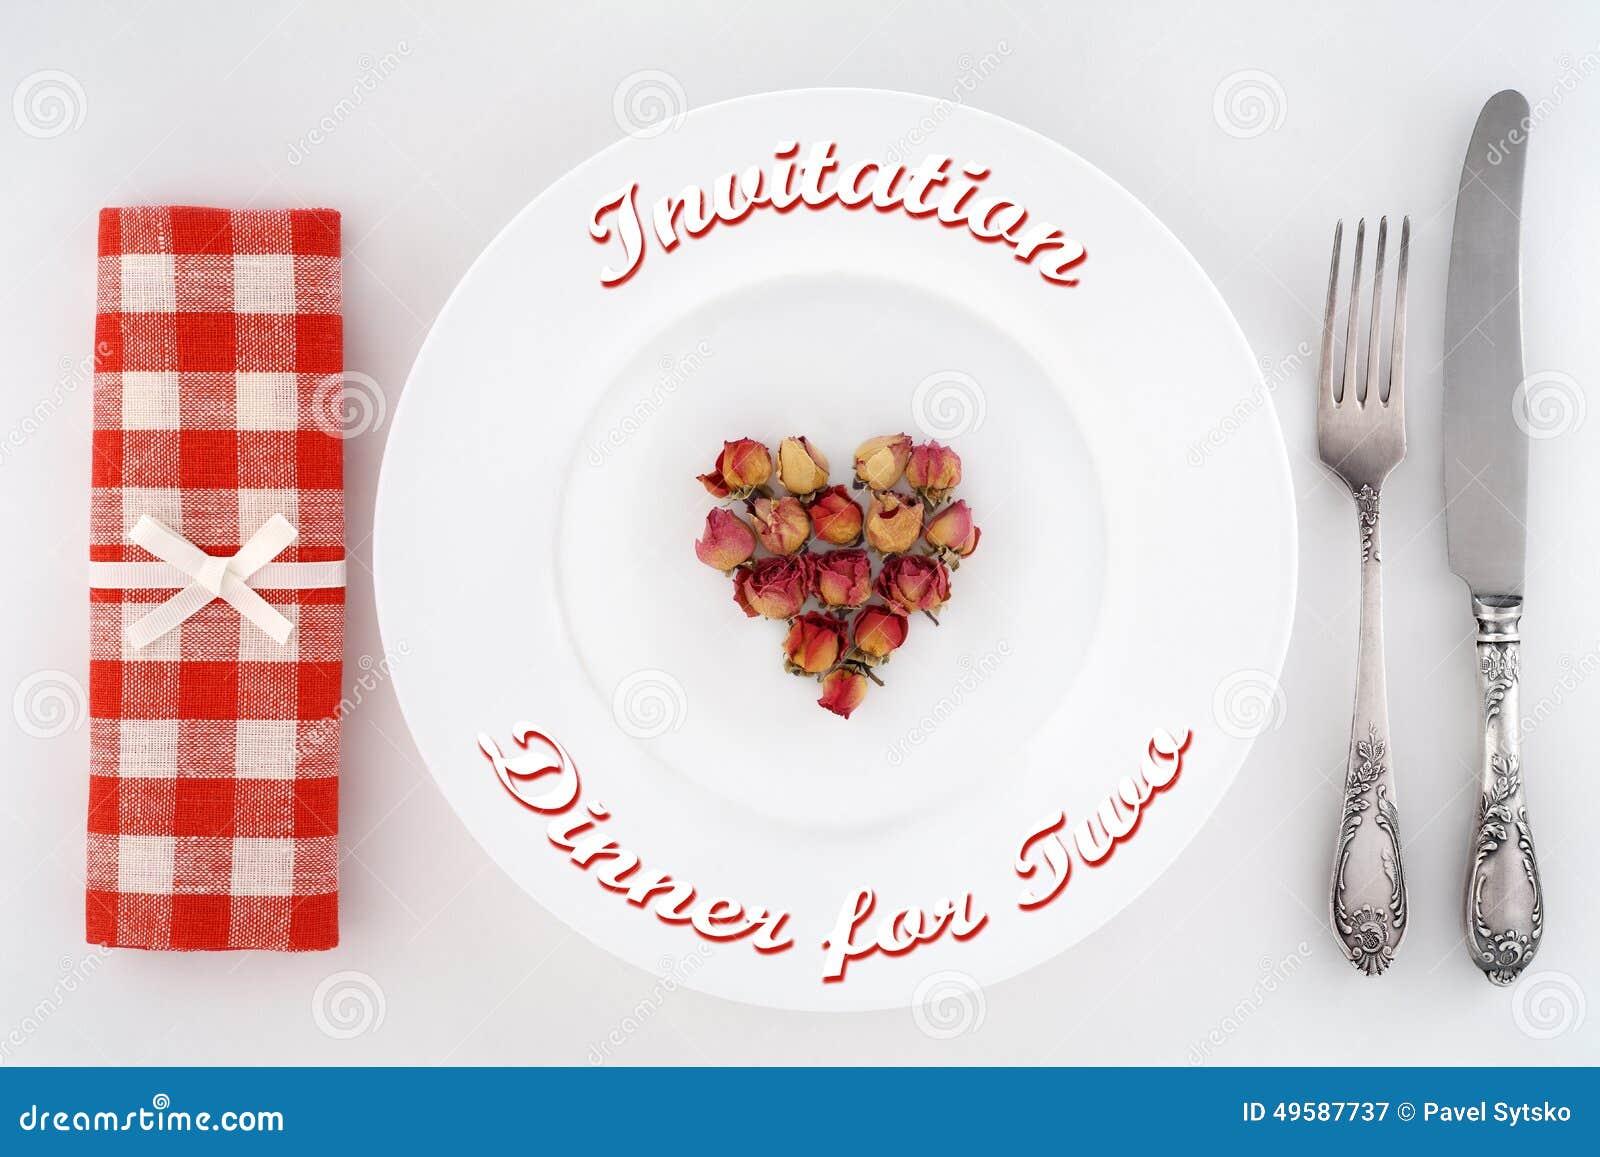 einladung zum abendessen für zwei gedeck mit herzen von rosen, Einladung